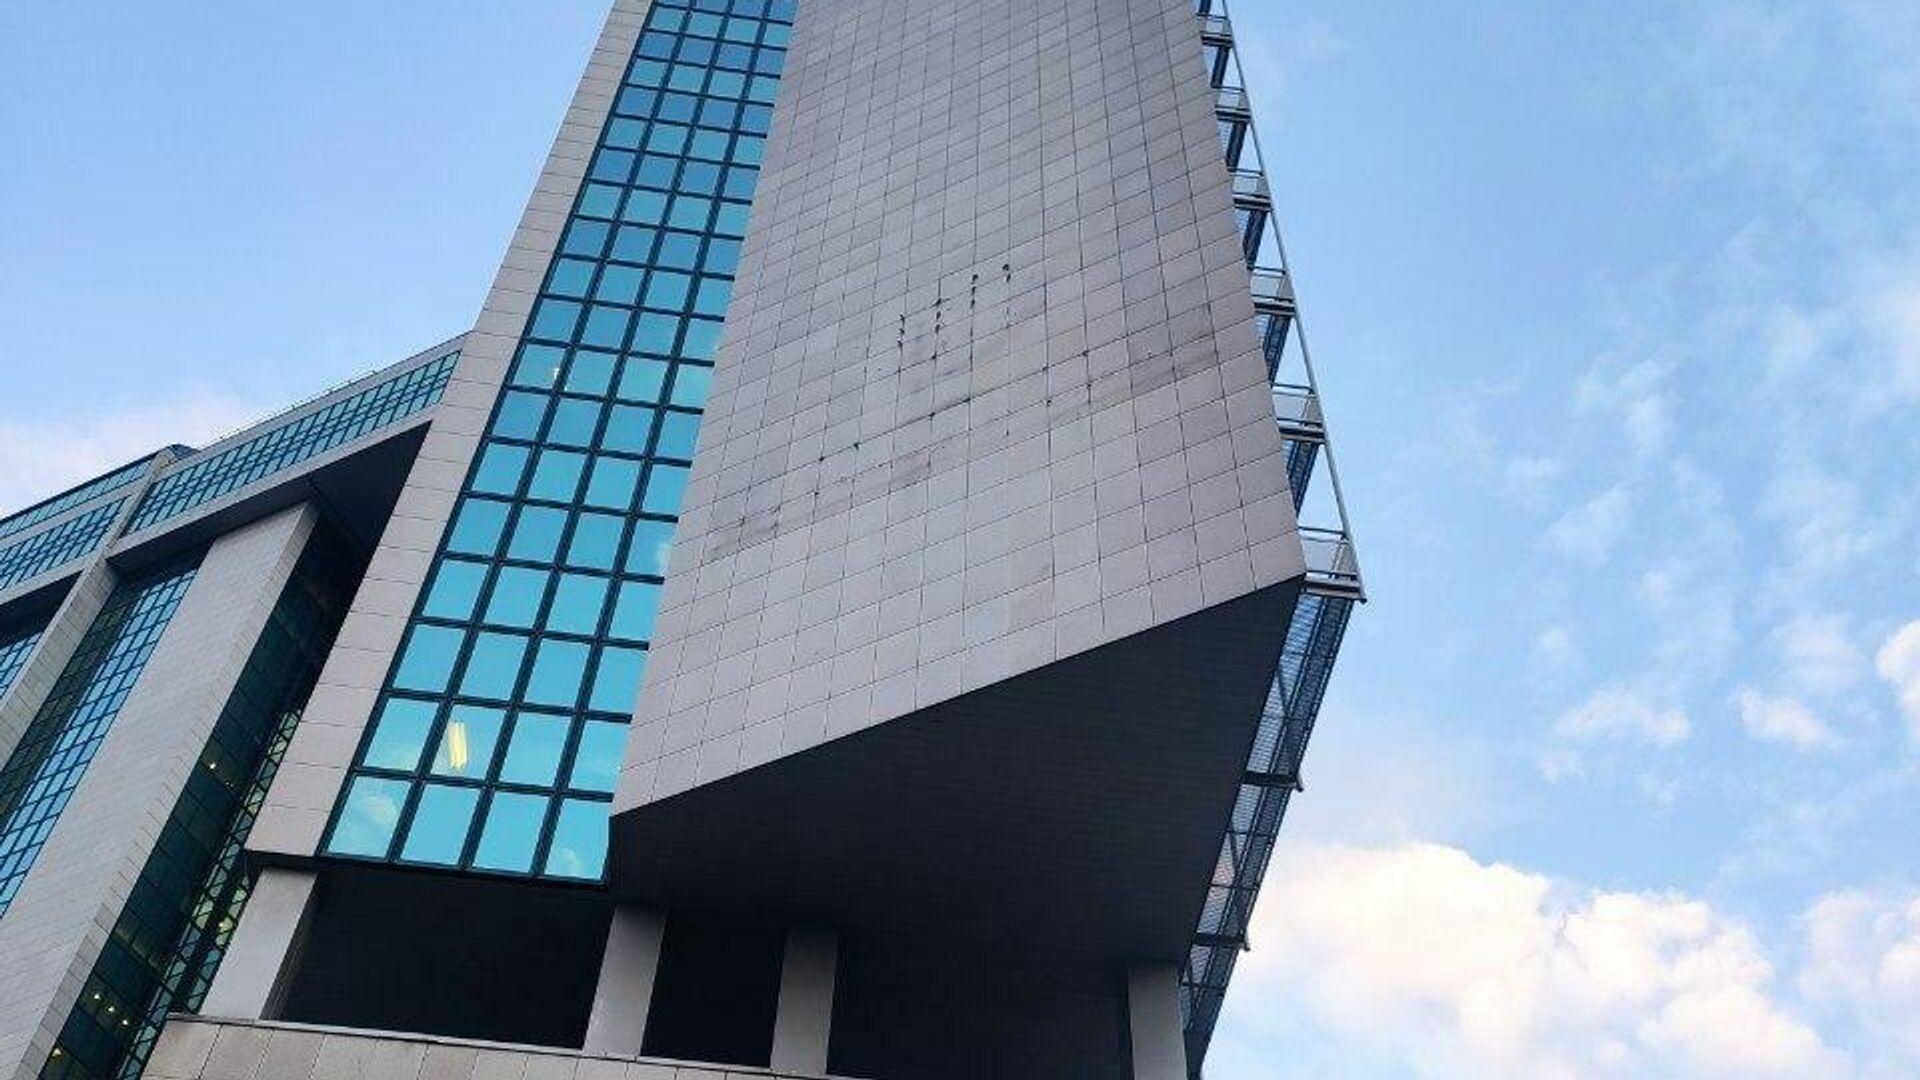 Здание Сбербанка на улице Вавилова в Москве со снятым логотипом - РИА Новости, 1920, 21.09.2020